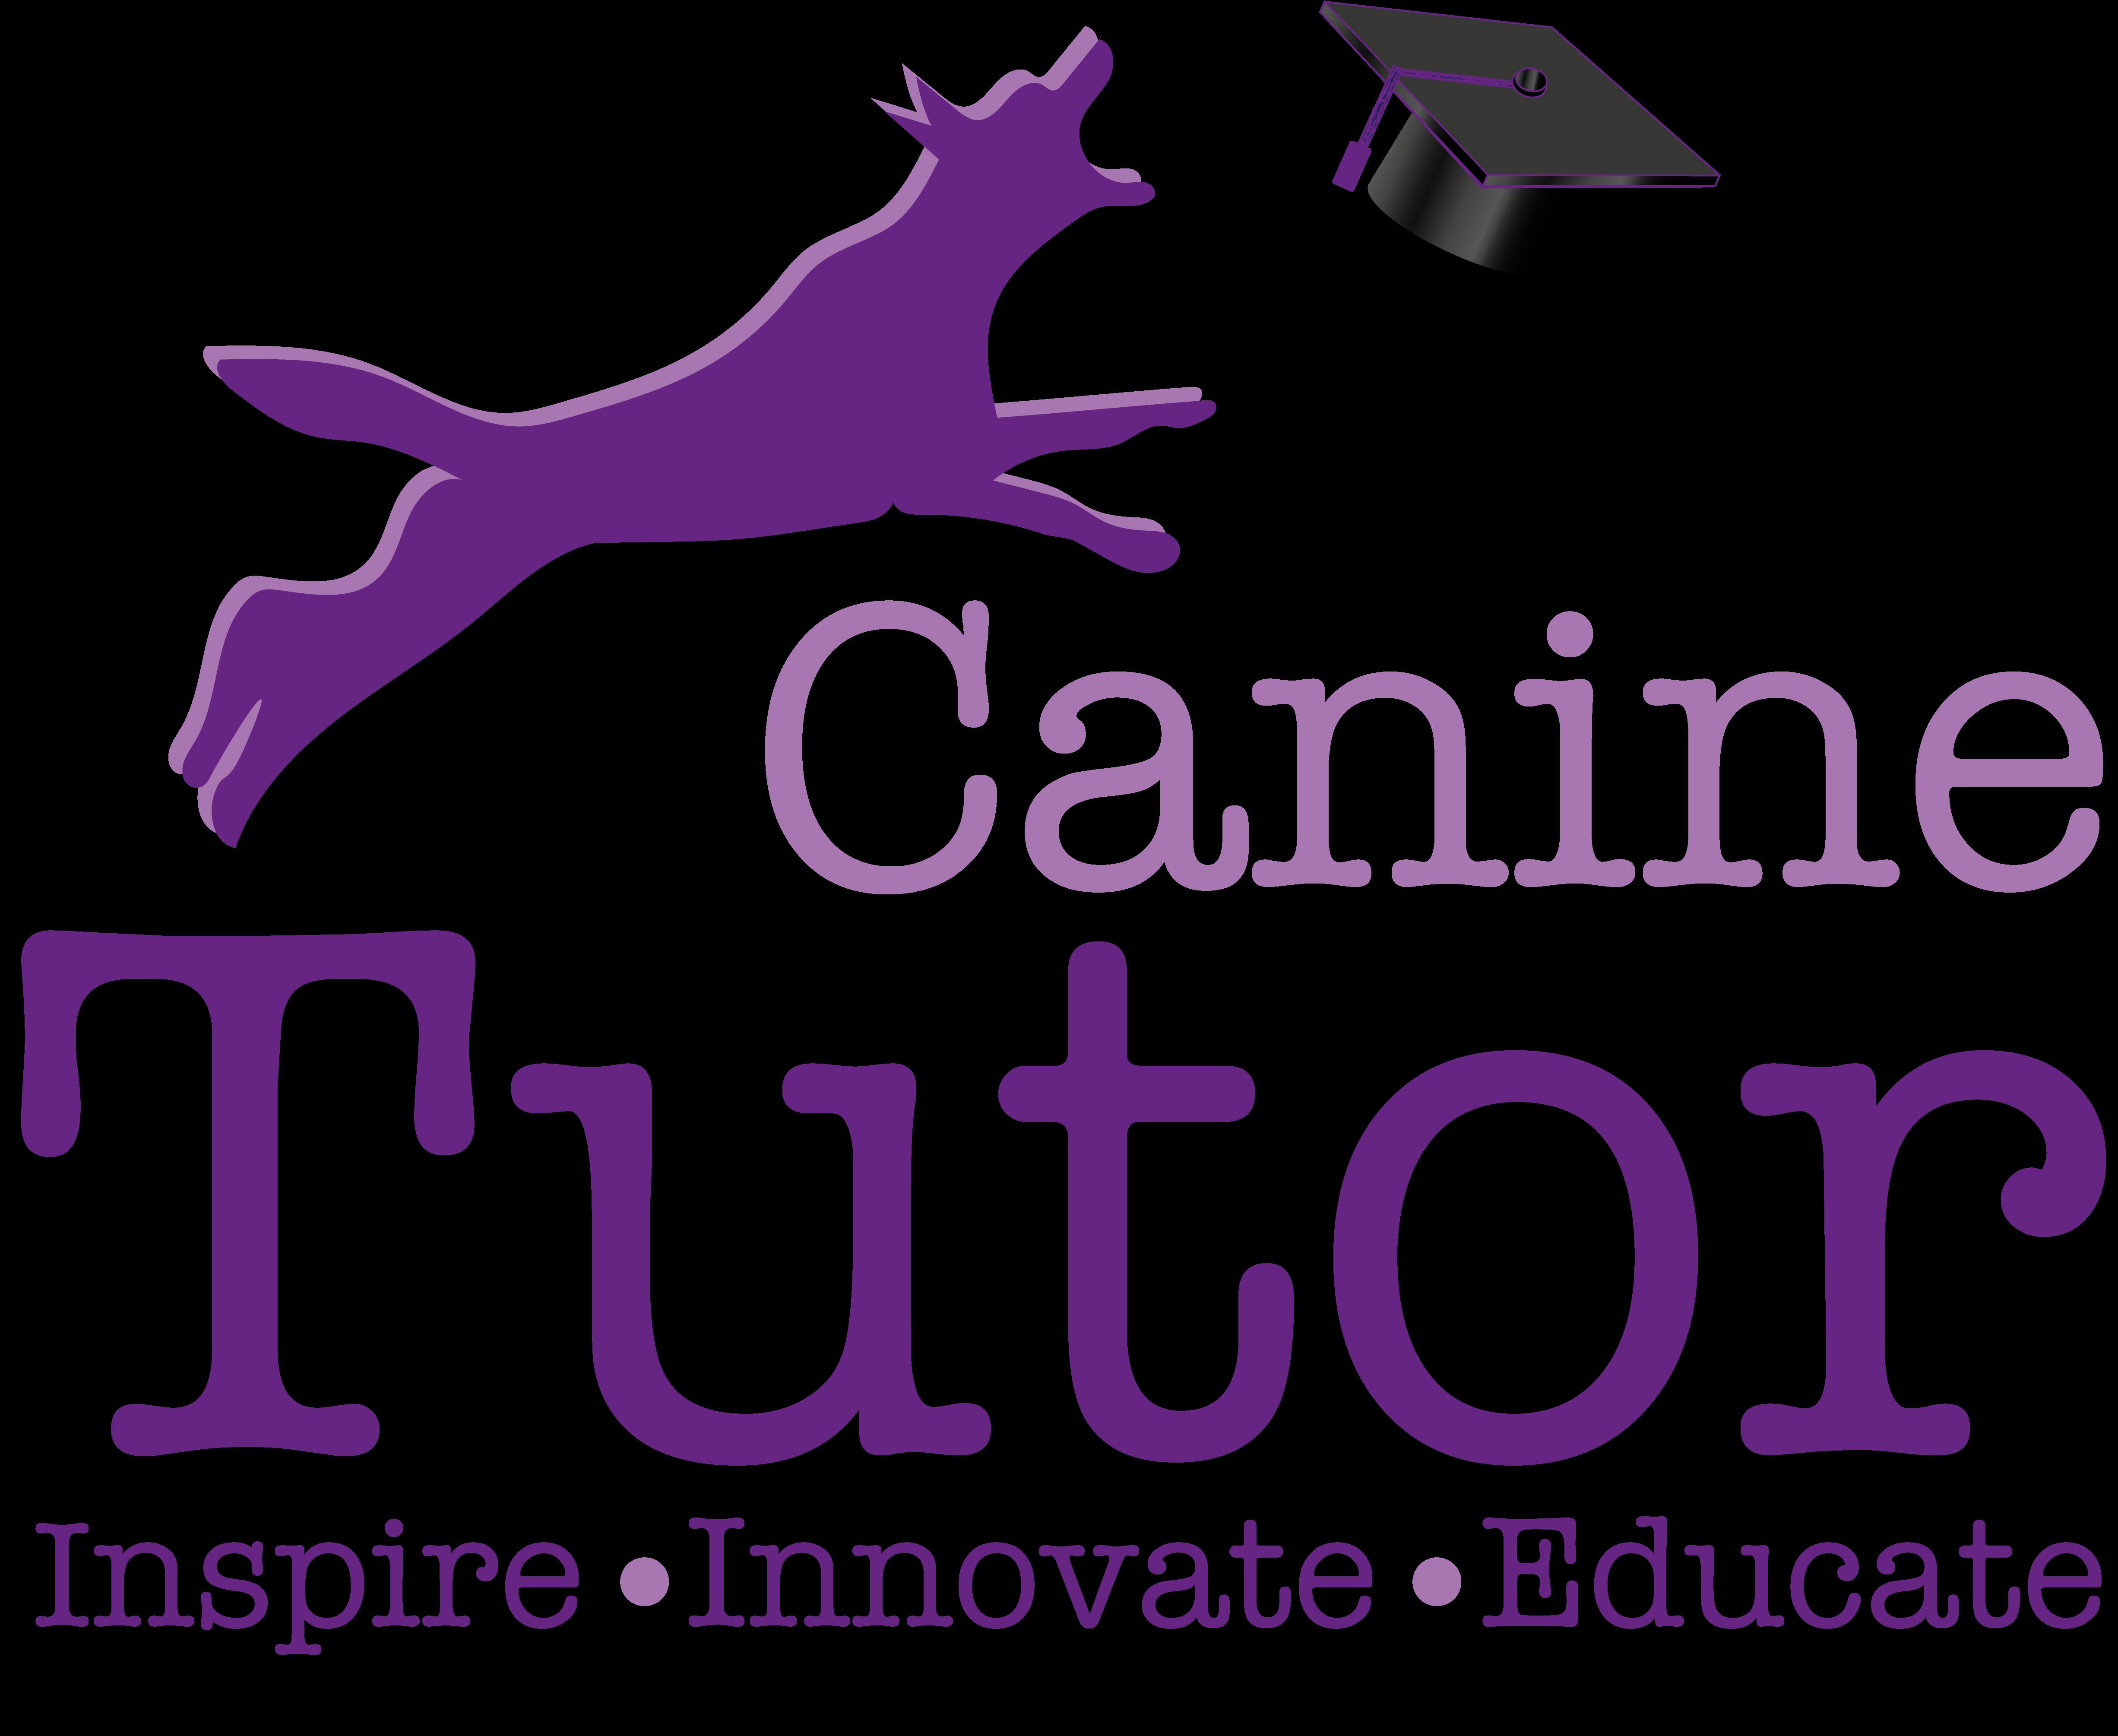 Canine Tutor's Academy